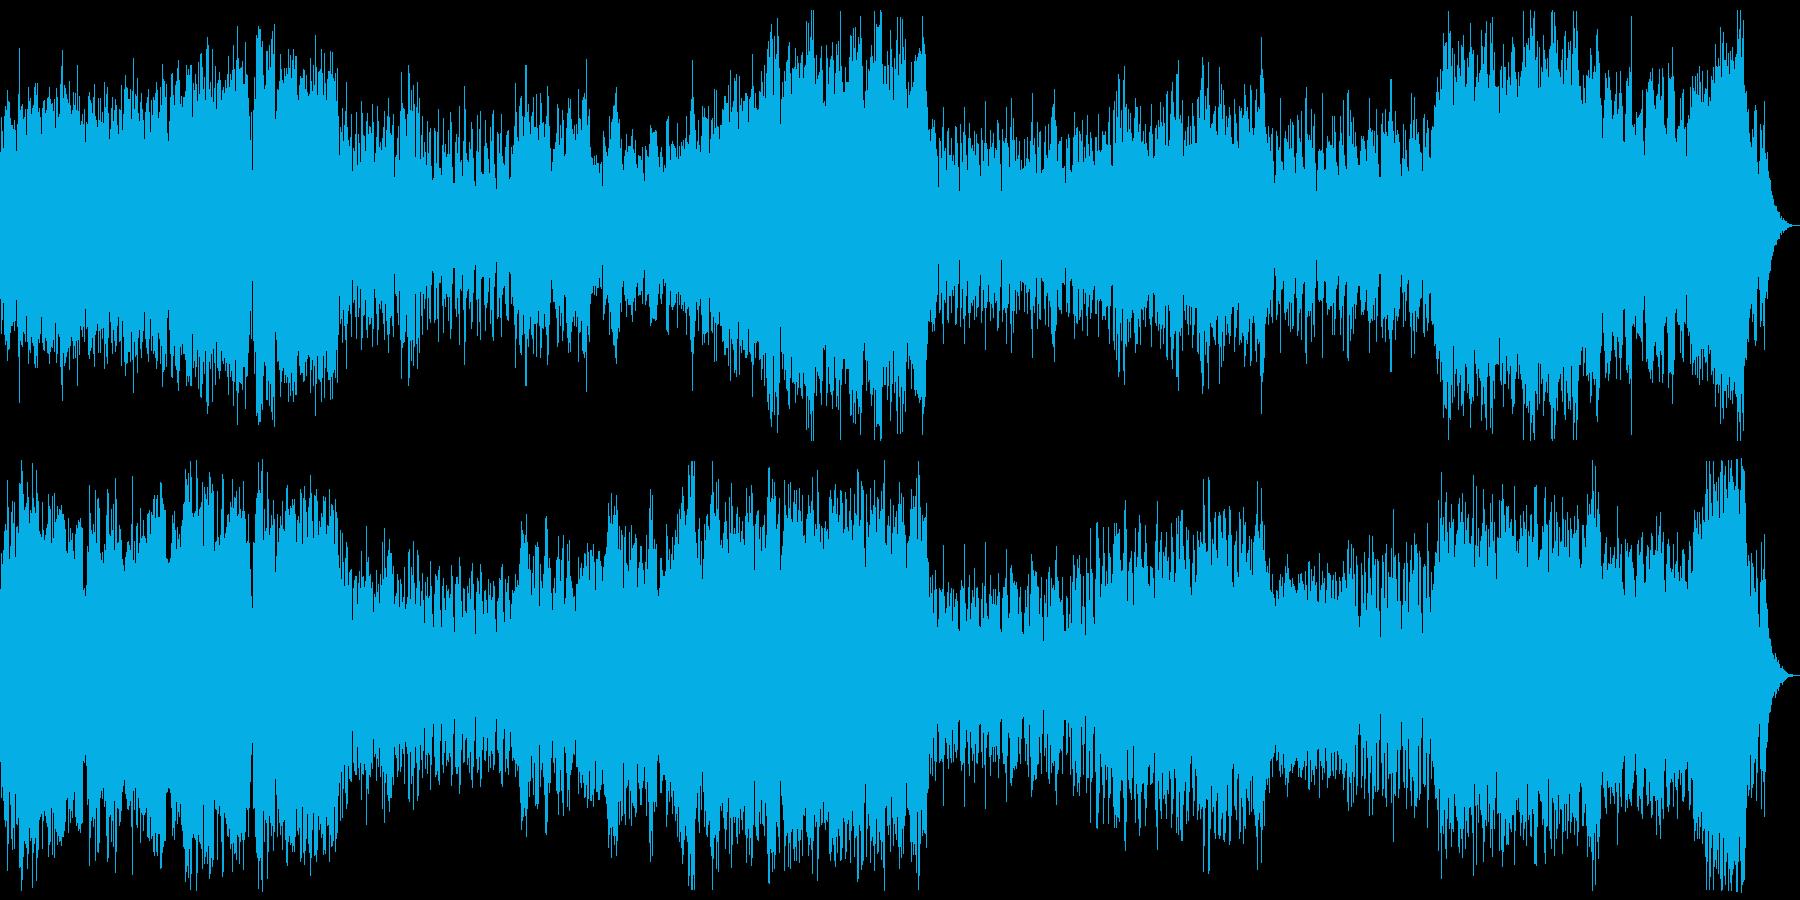 脱出劇をスリリングに描いたオーケストラ曲の再生済みの波形